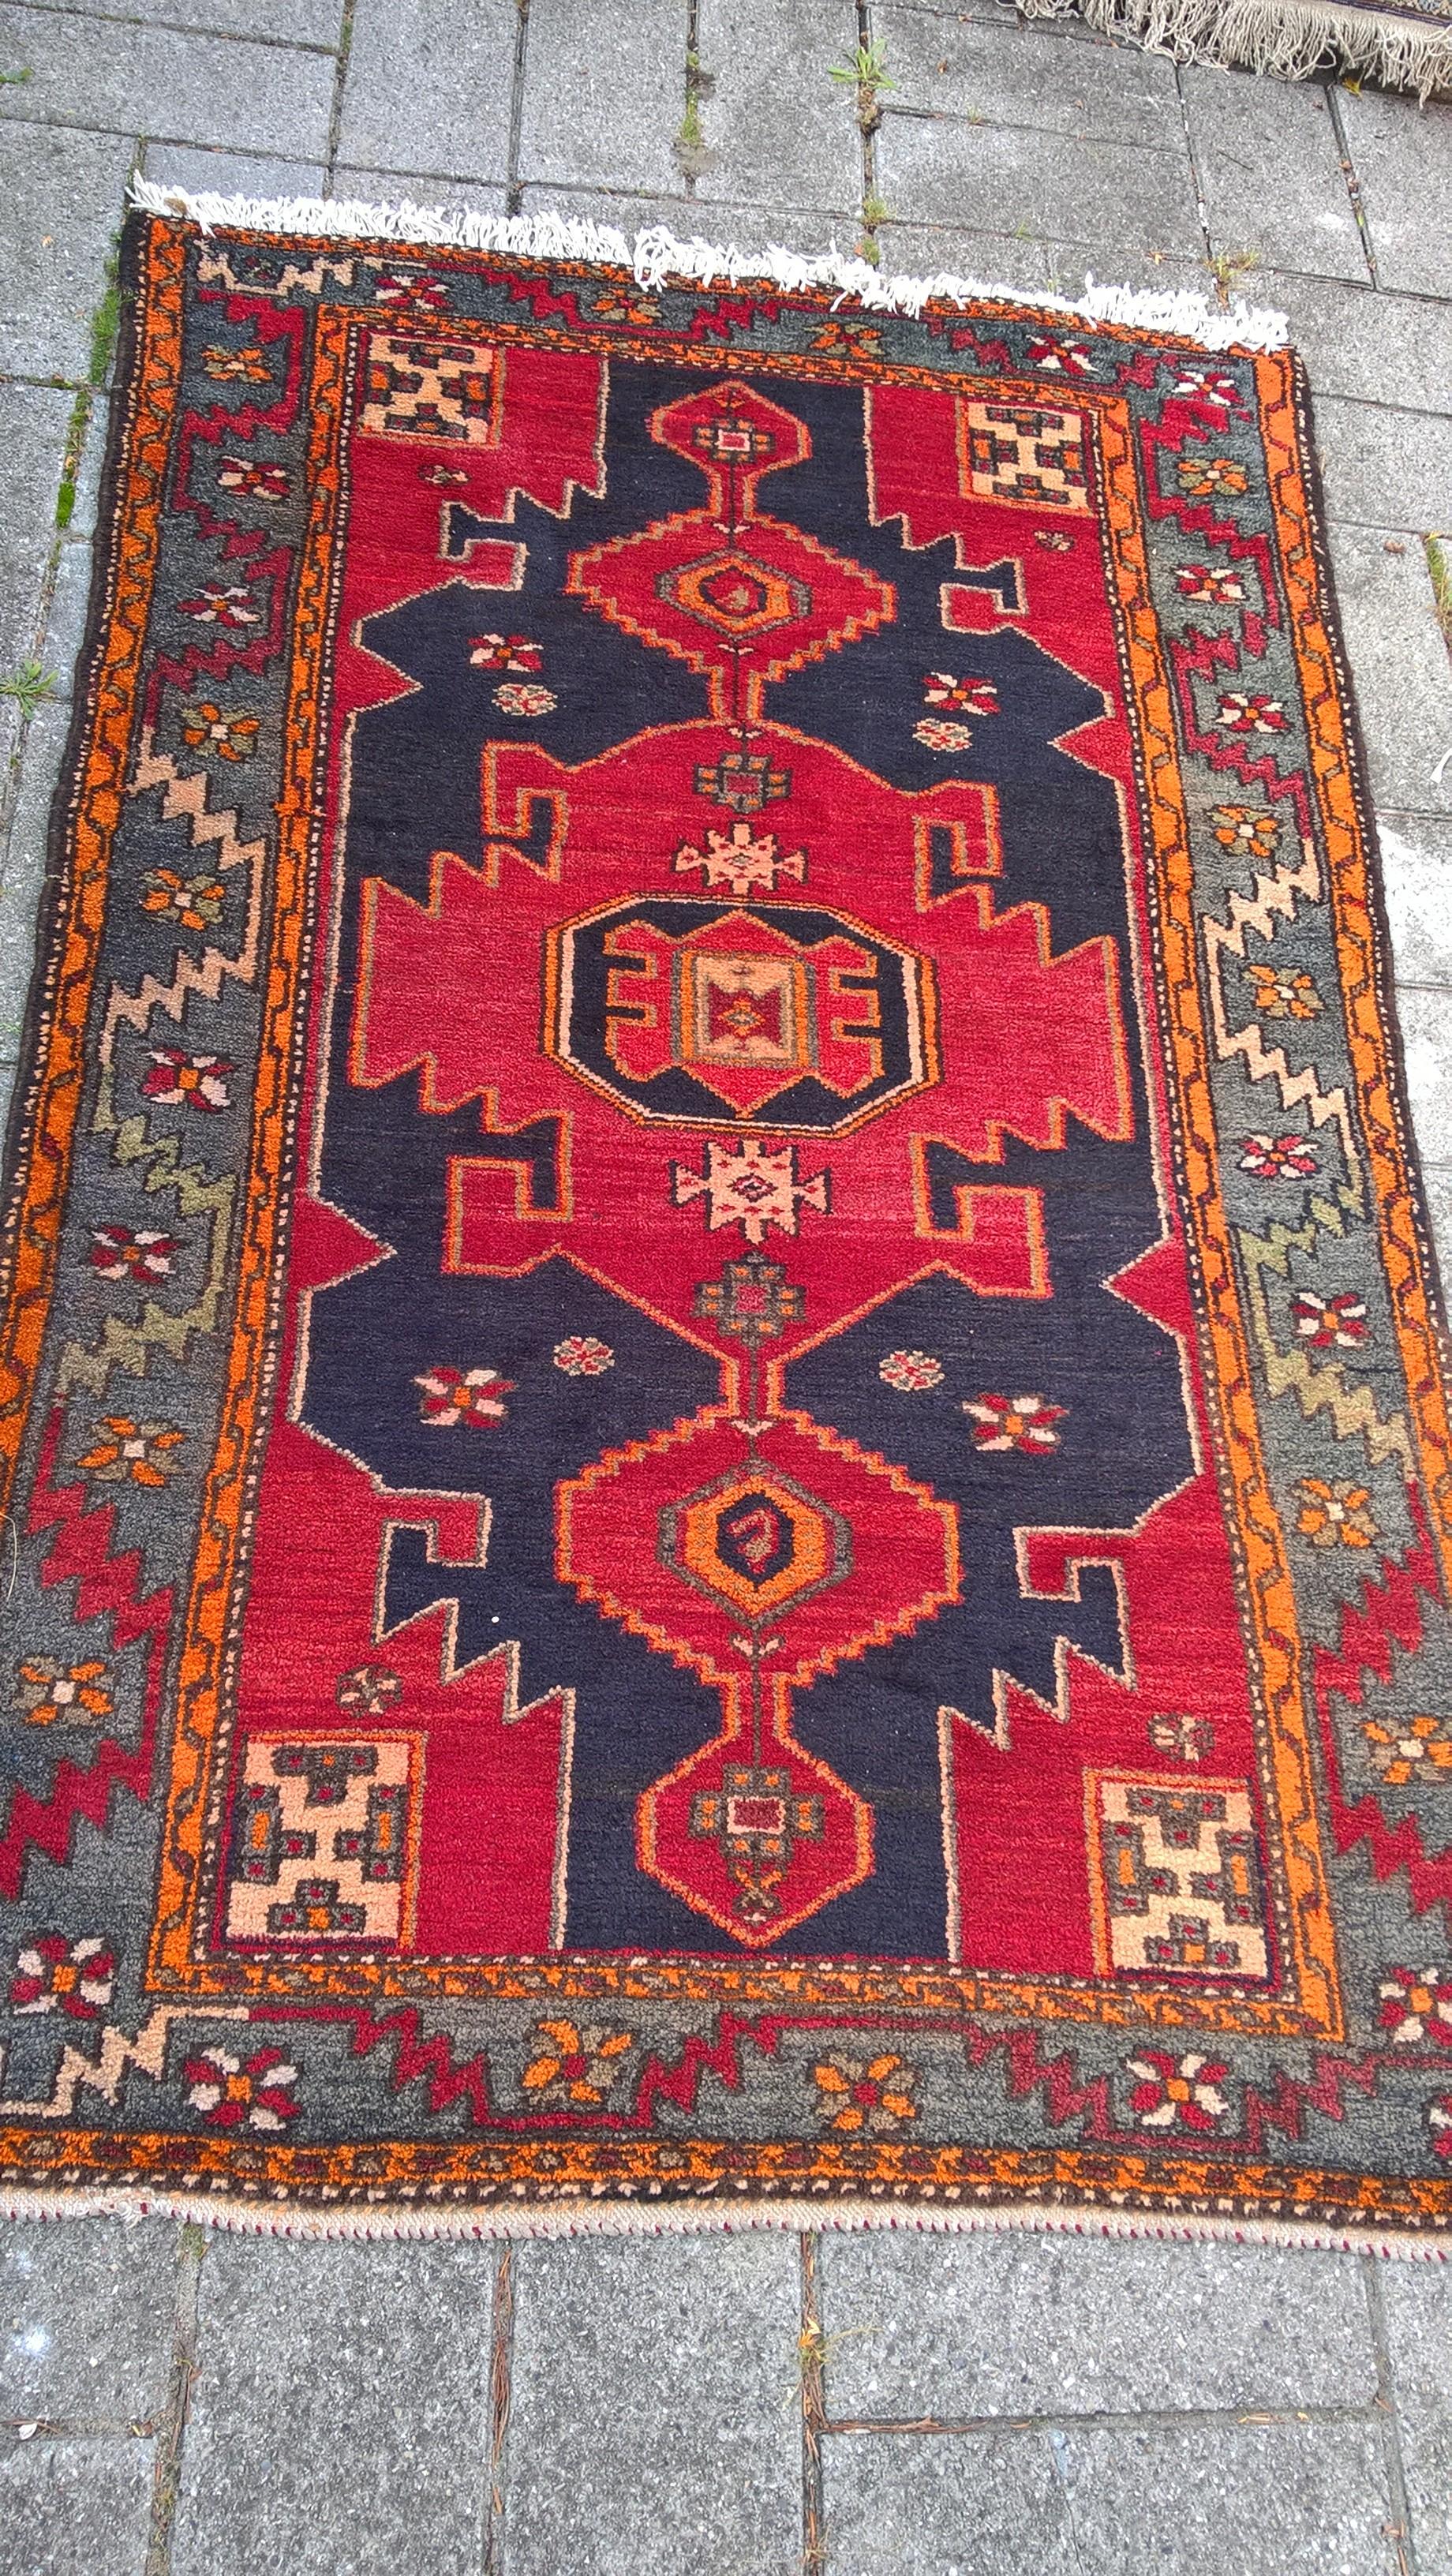 Ægte Persisk tæppe Taleghan  Mål: 198 x 126 cm Tæppe kr. 4.800,- Varenr. Rug16-3460-04-orange